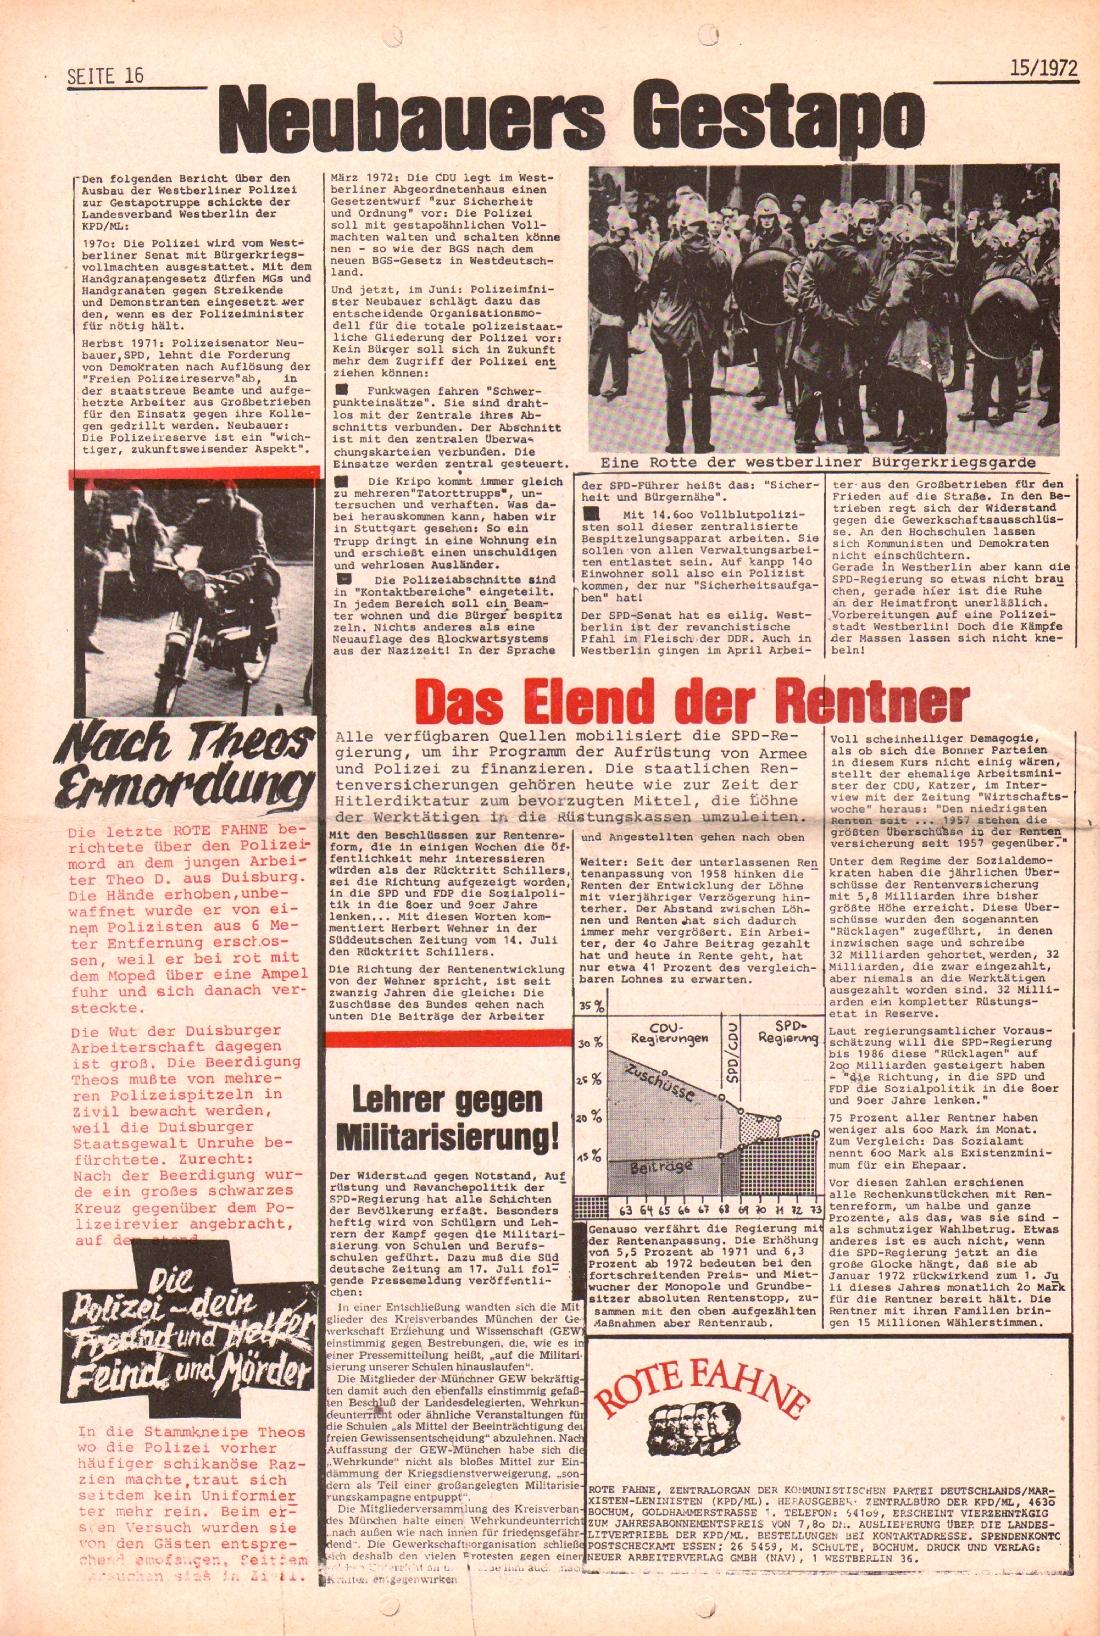 Rote Fahne, 3. Jg., 24.7.1972, Nr. 15, Seite 16